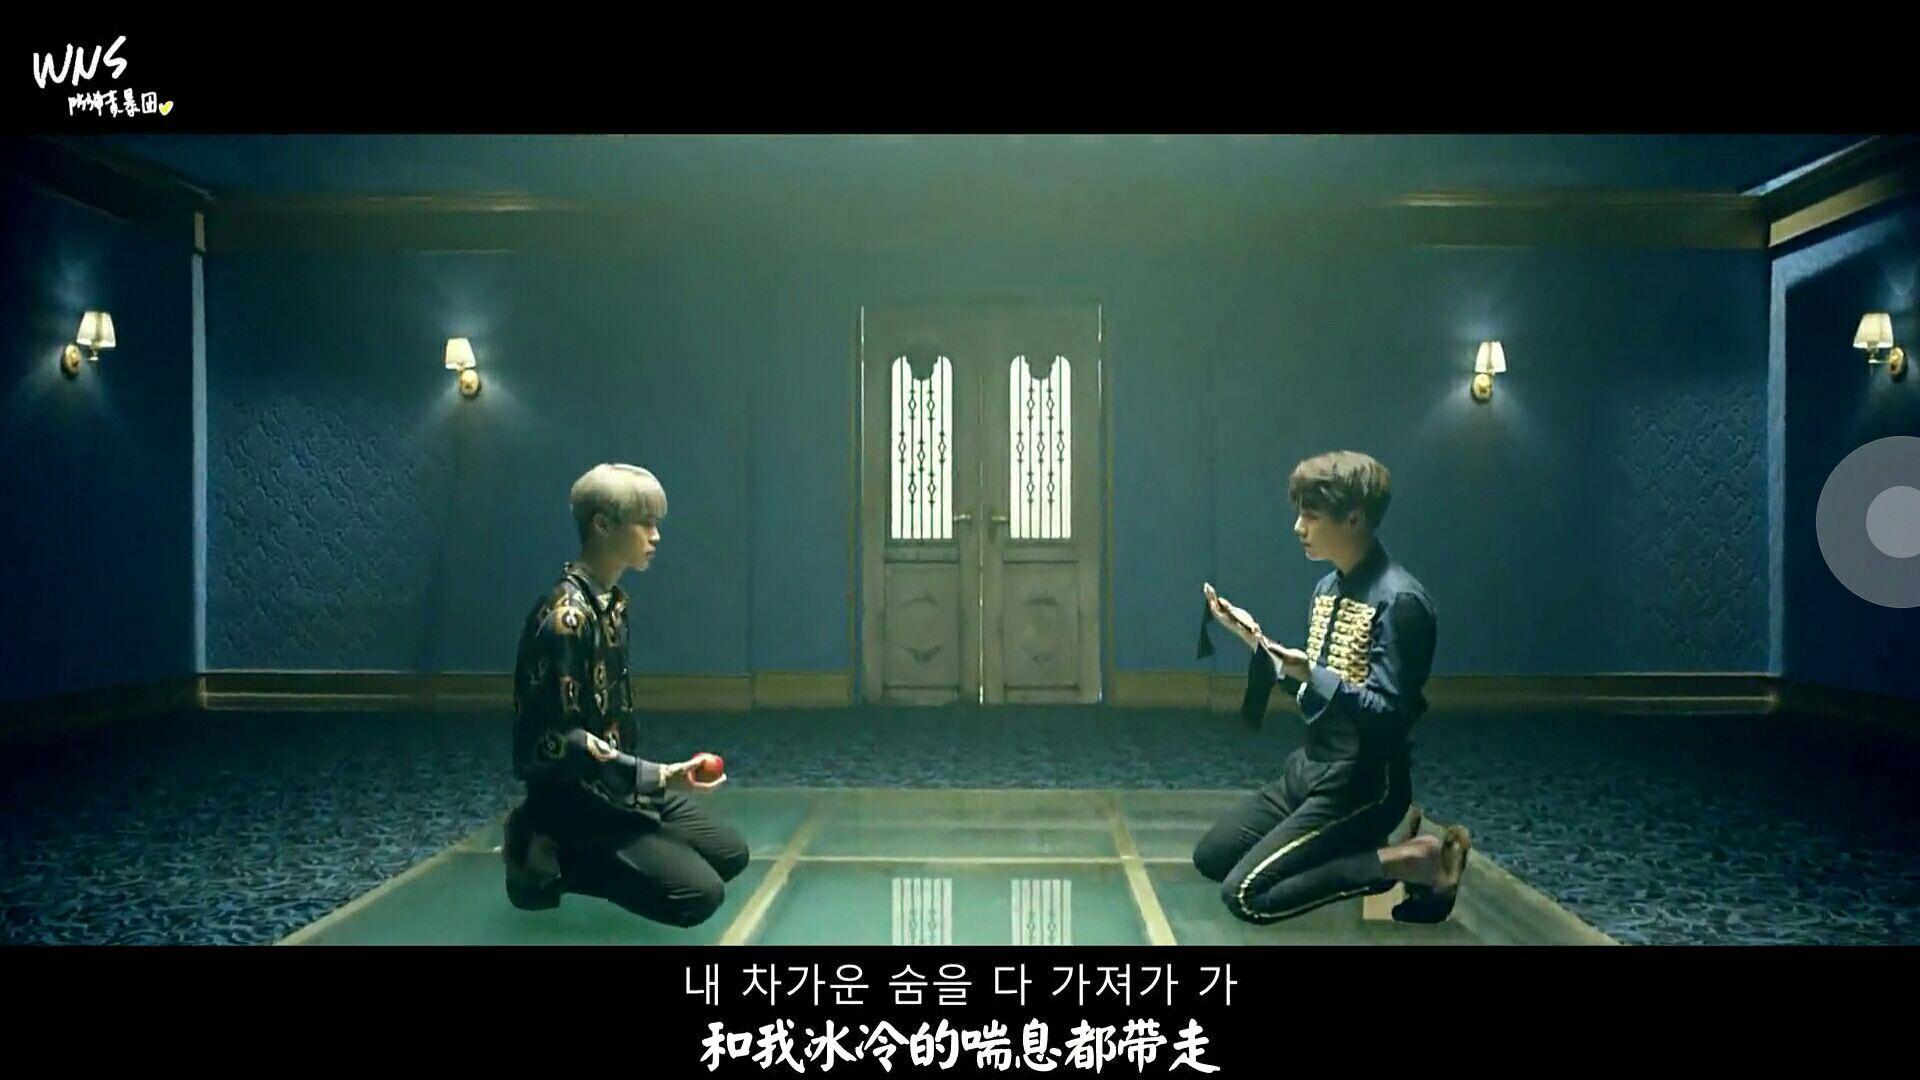 亚当夏娃吃禁果_如何解析防弹少年团血汗泪 (Blood Sweat Tears)MV? - 知乎